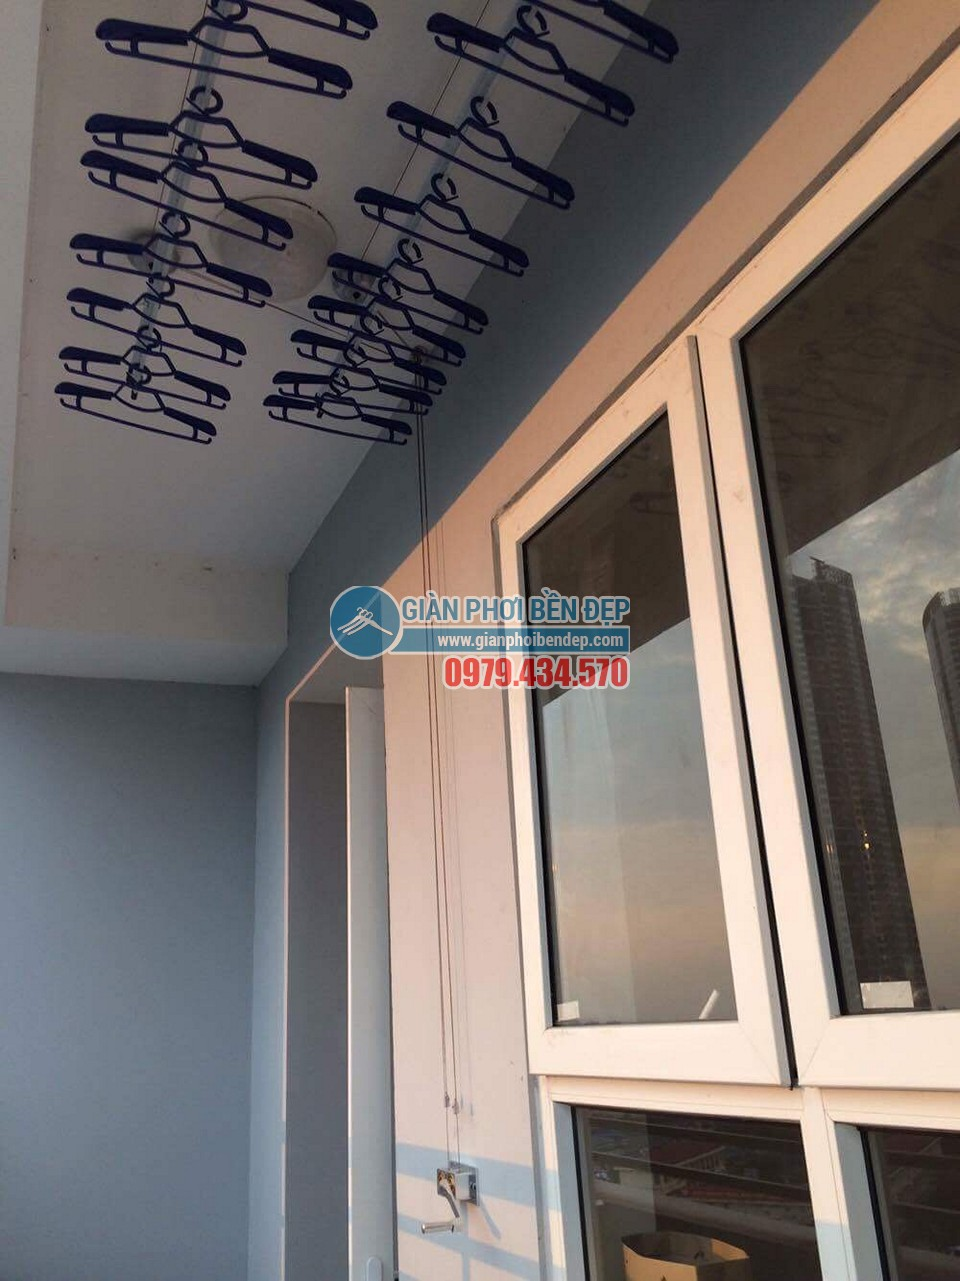 Ngắm ban công đẹp hiện đại nhà chị Thanh, chung cư A14A1 Nam Trung Yên - 03